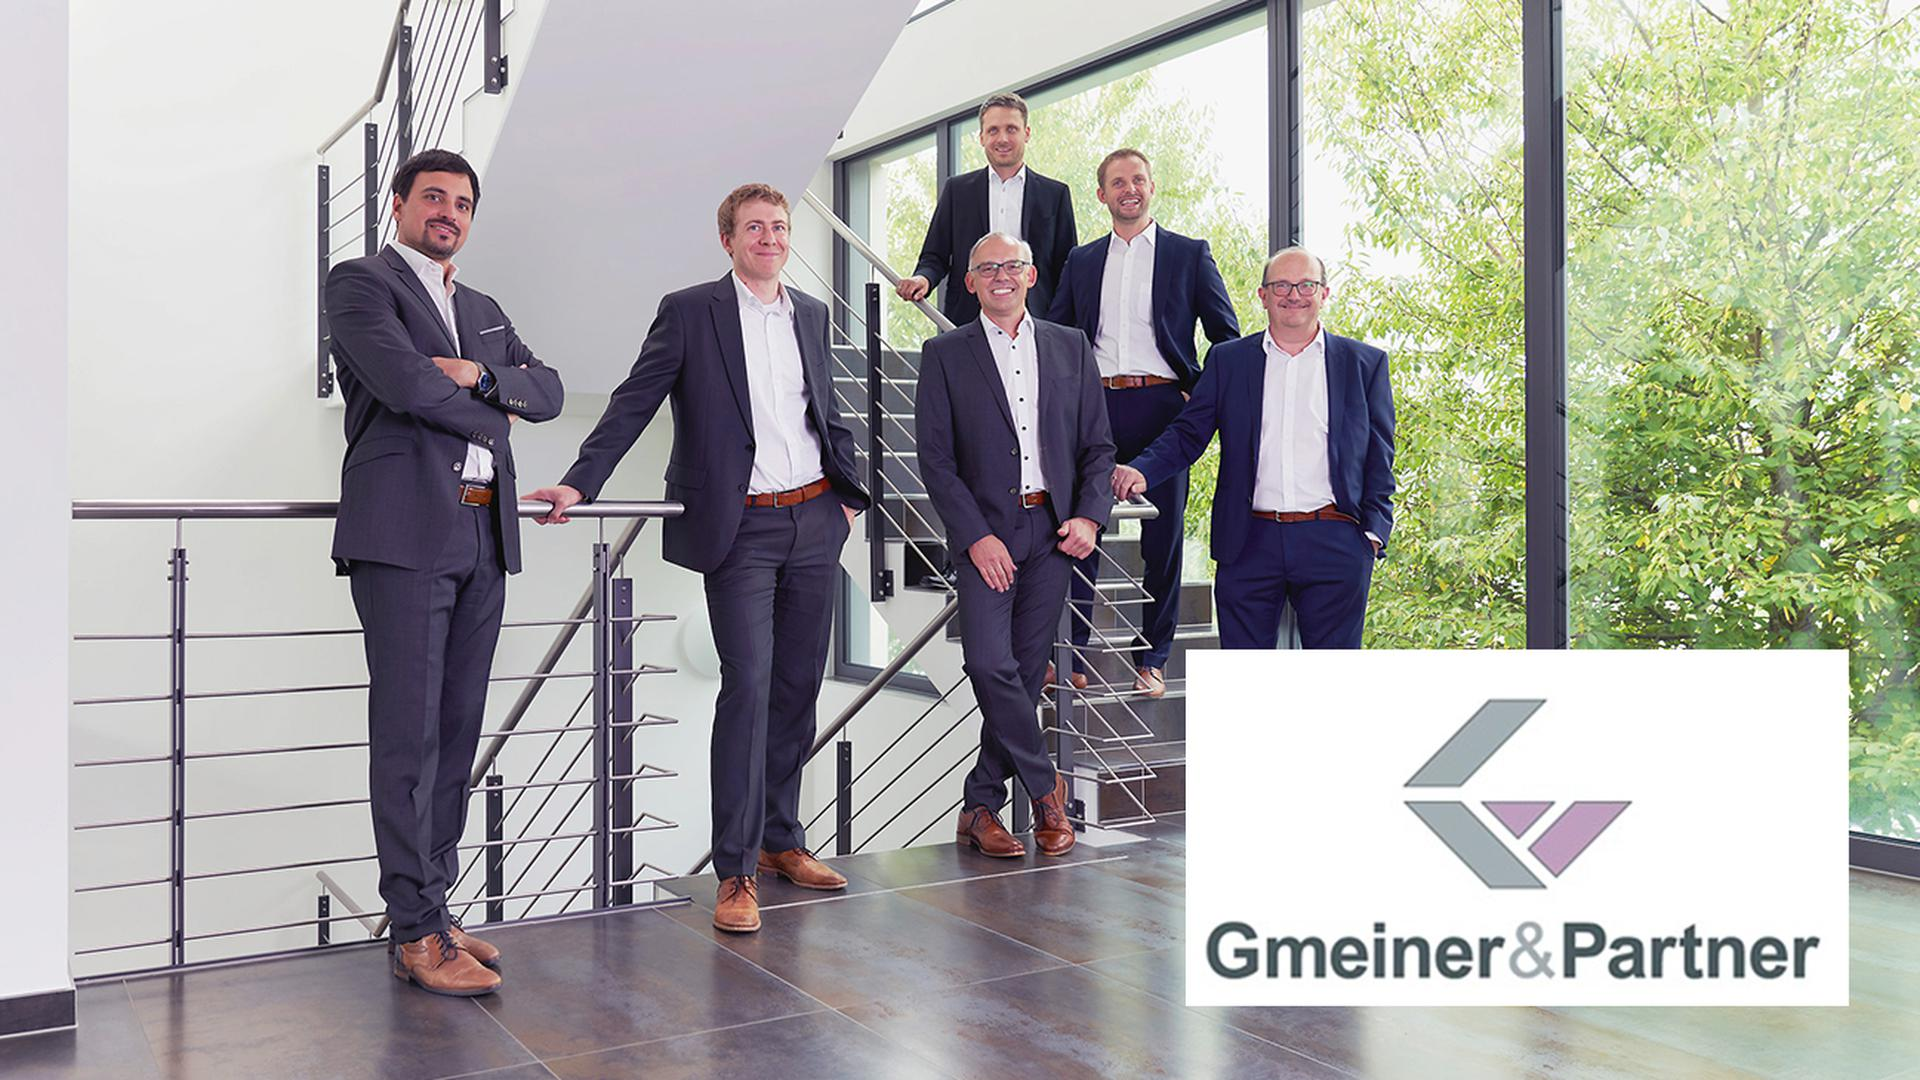 Ausbildung und Studium bei Gmeiner & Partner